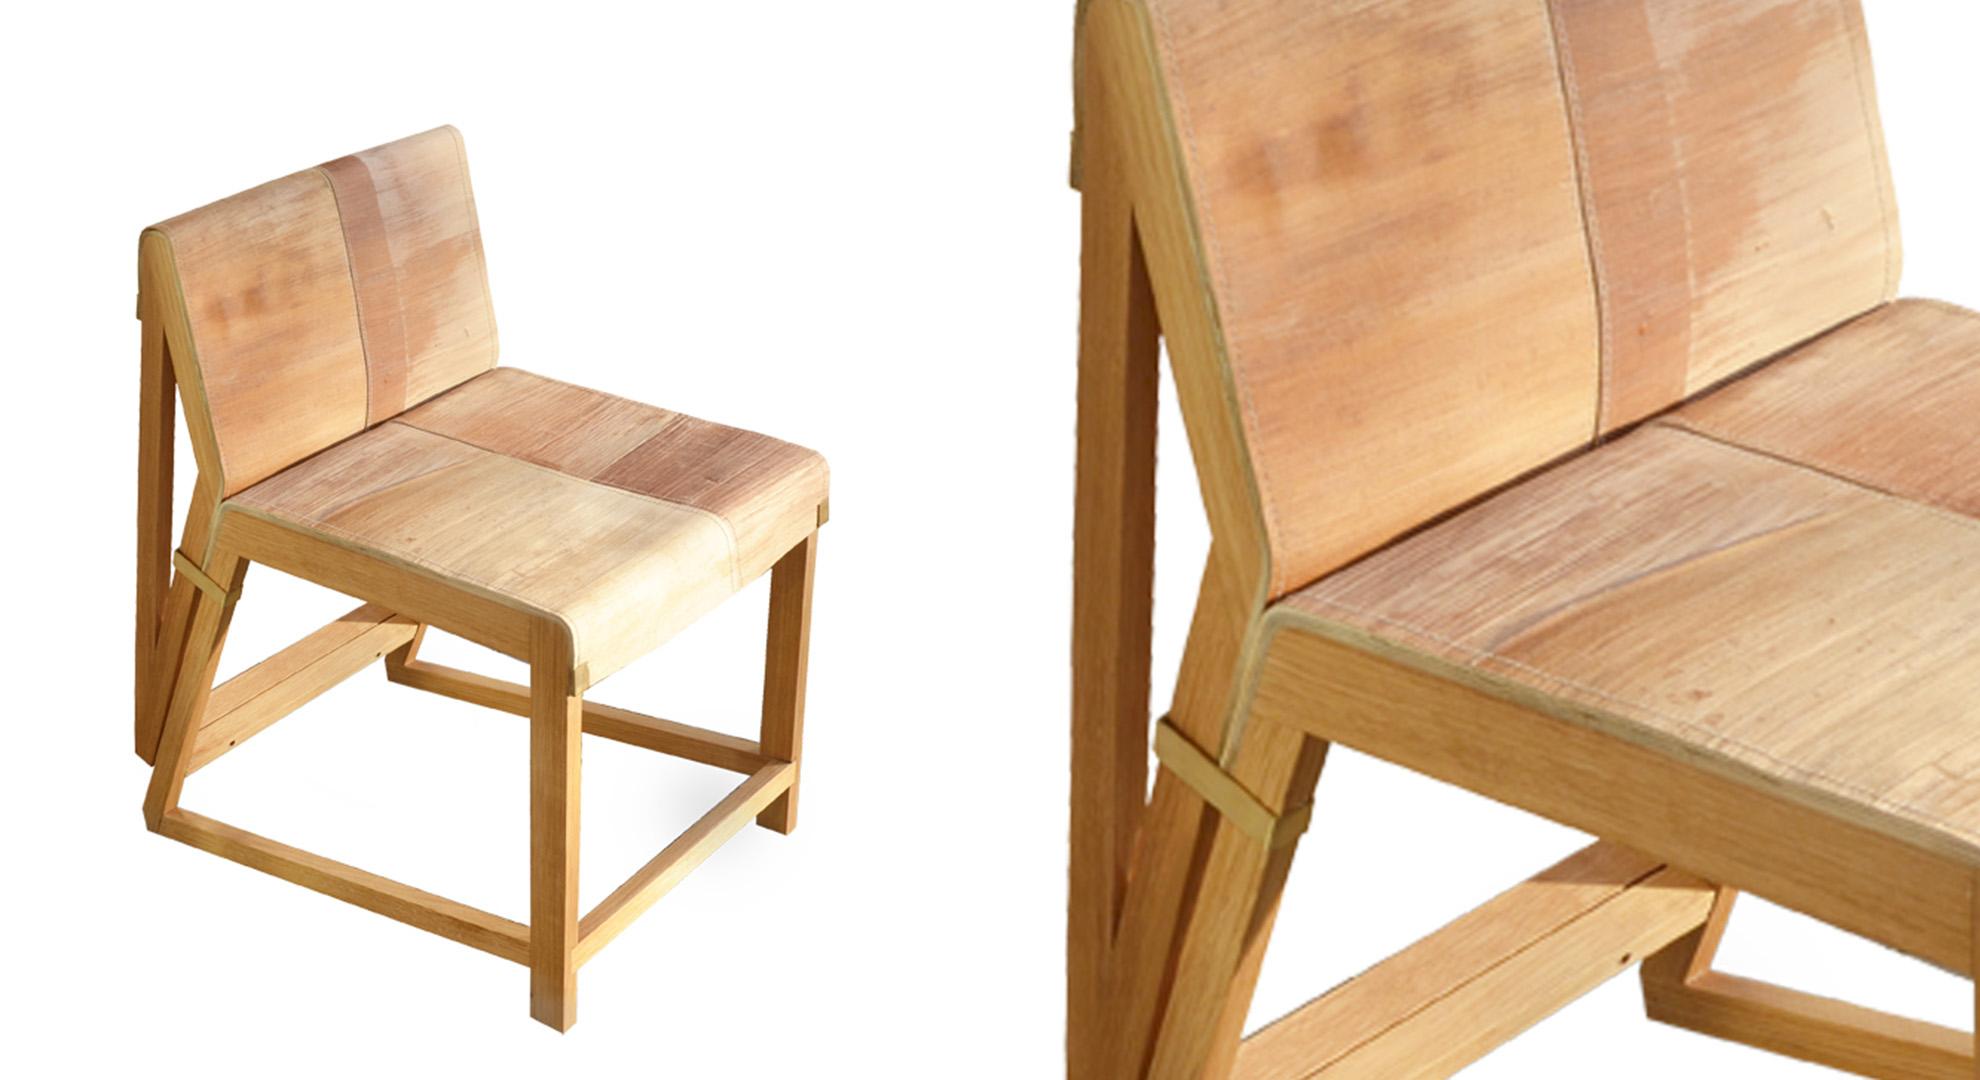 Eco designed chair by Studio Tjeerd Veenhoven